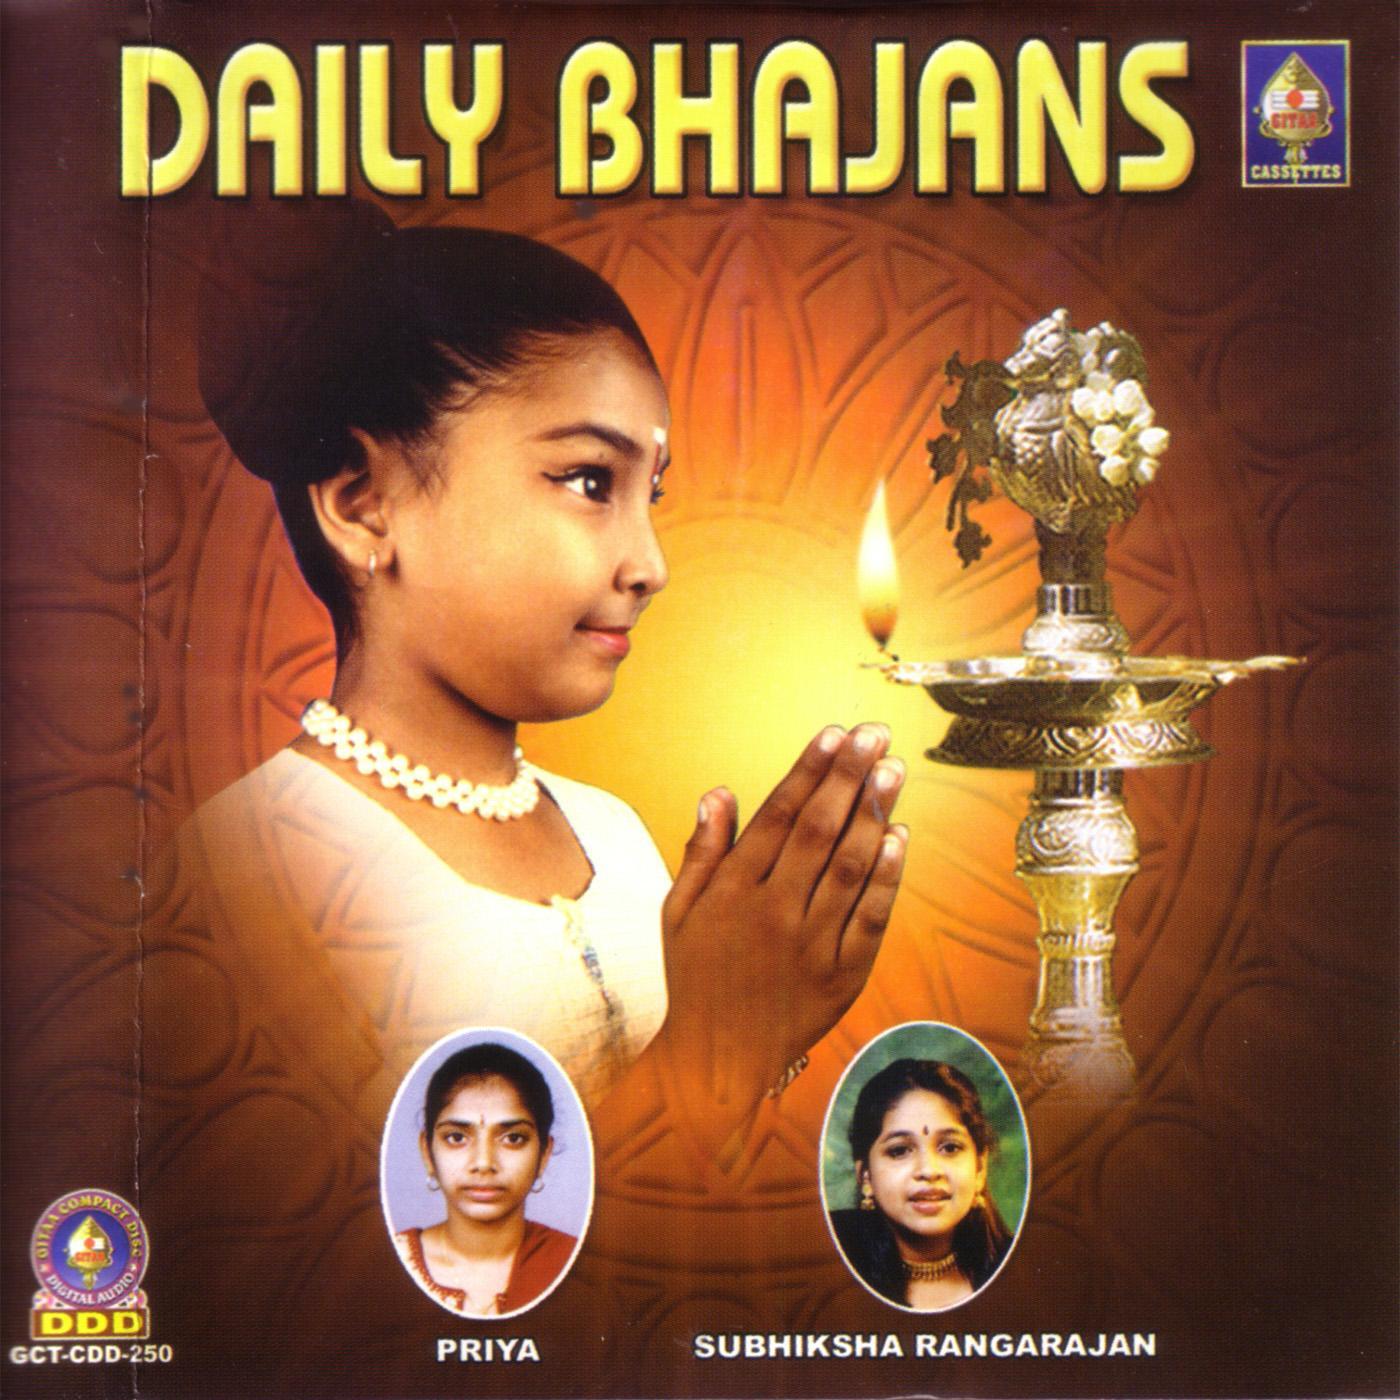 Daily Bhajans By Priya & Subhiksha Rangarajan Devotional Album MP3 Songs